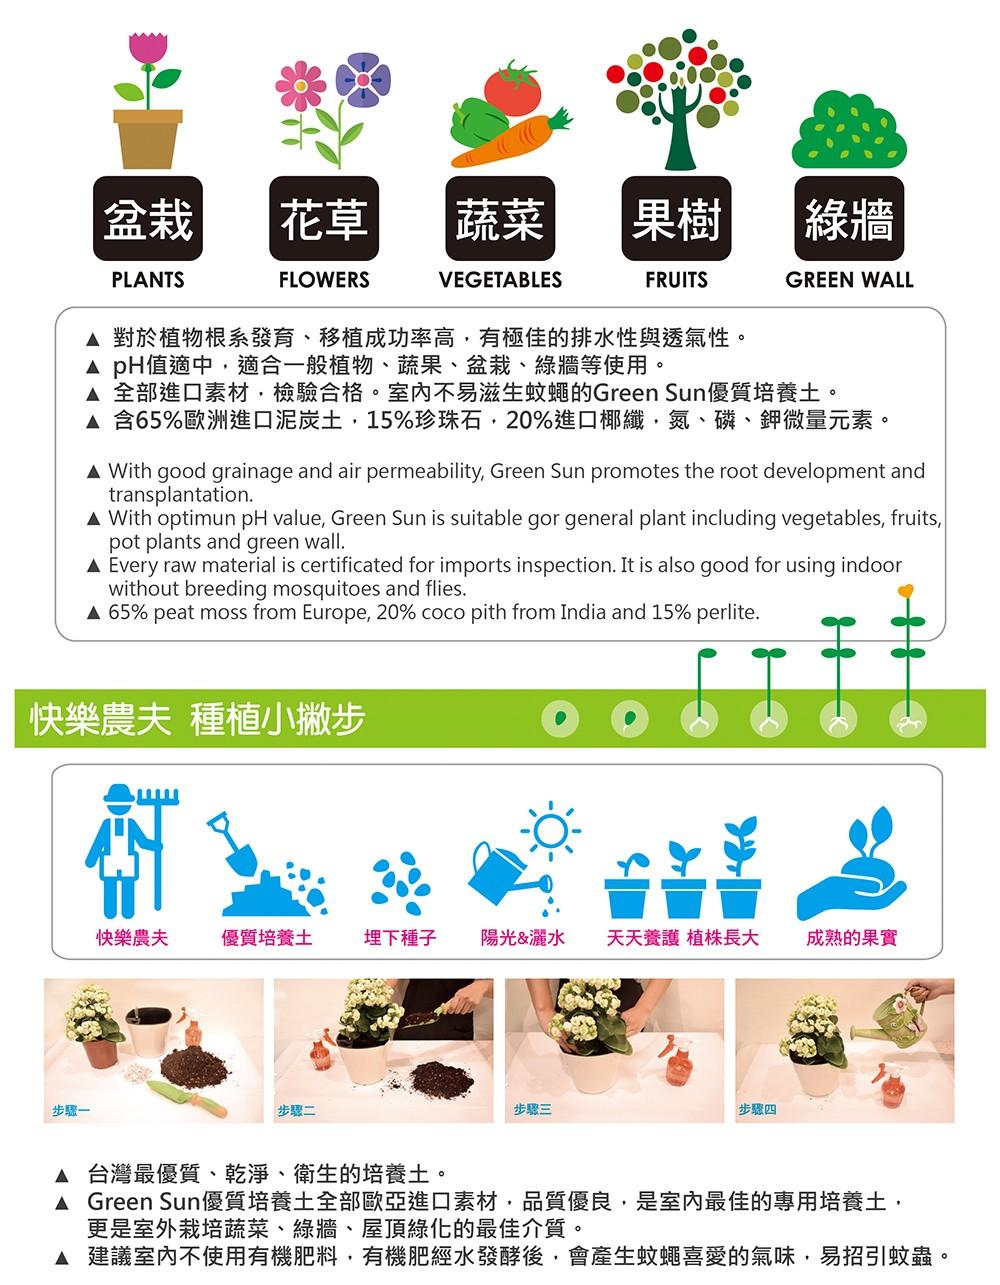 2Ustyle 風格圖悠 花盆 花器 植物 盆栽 園藝資材 培養土